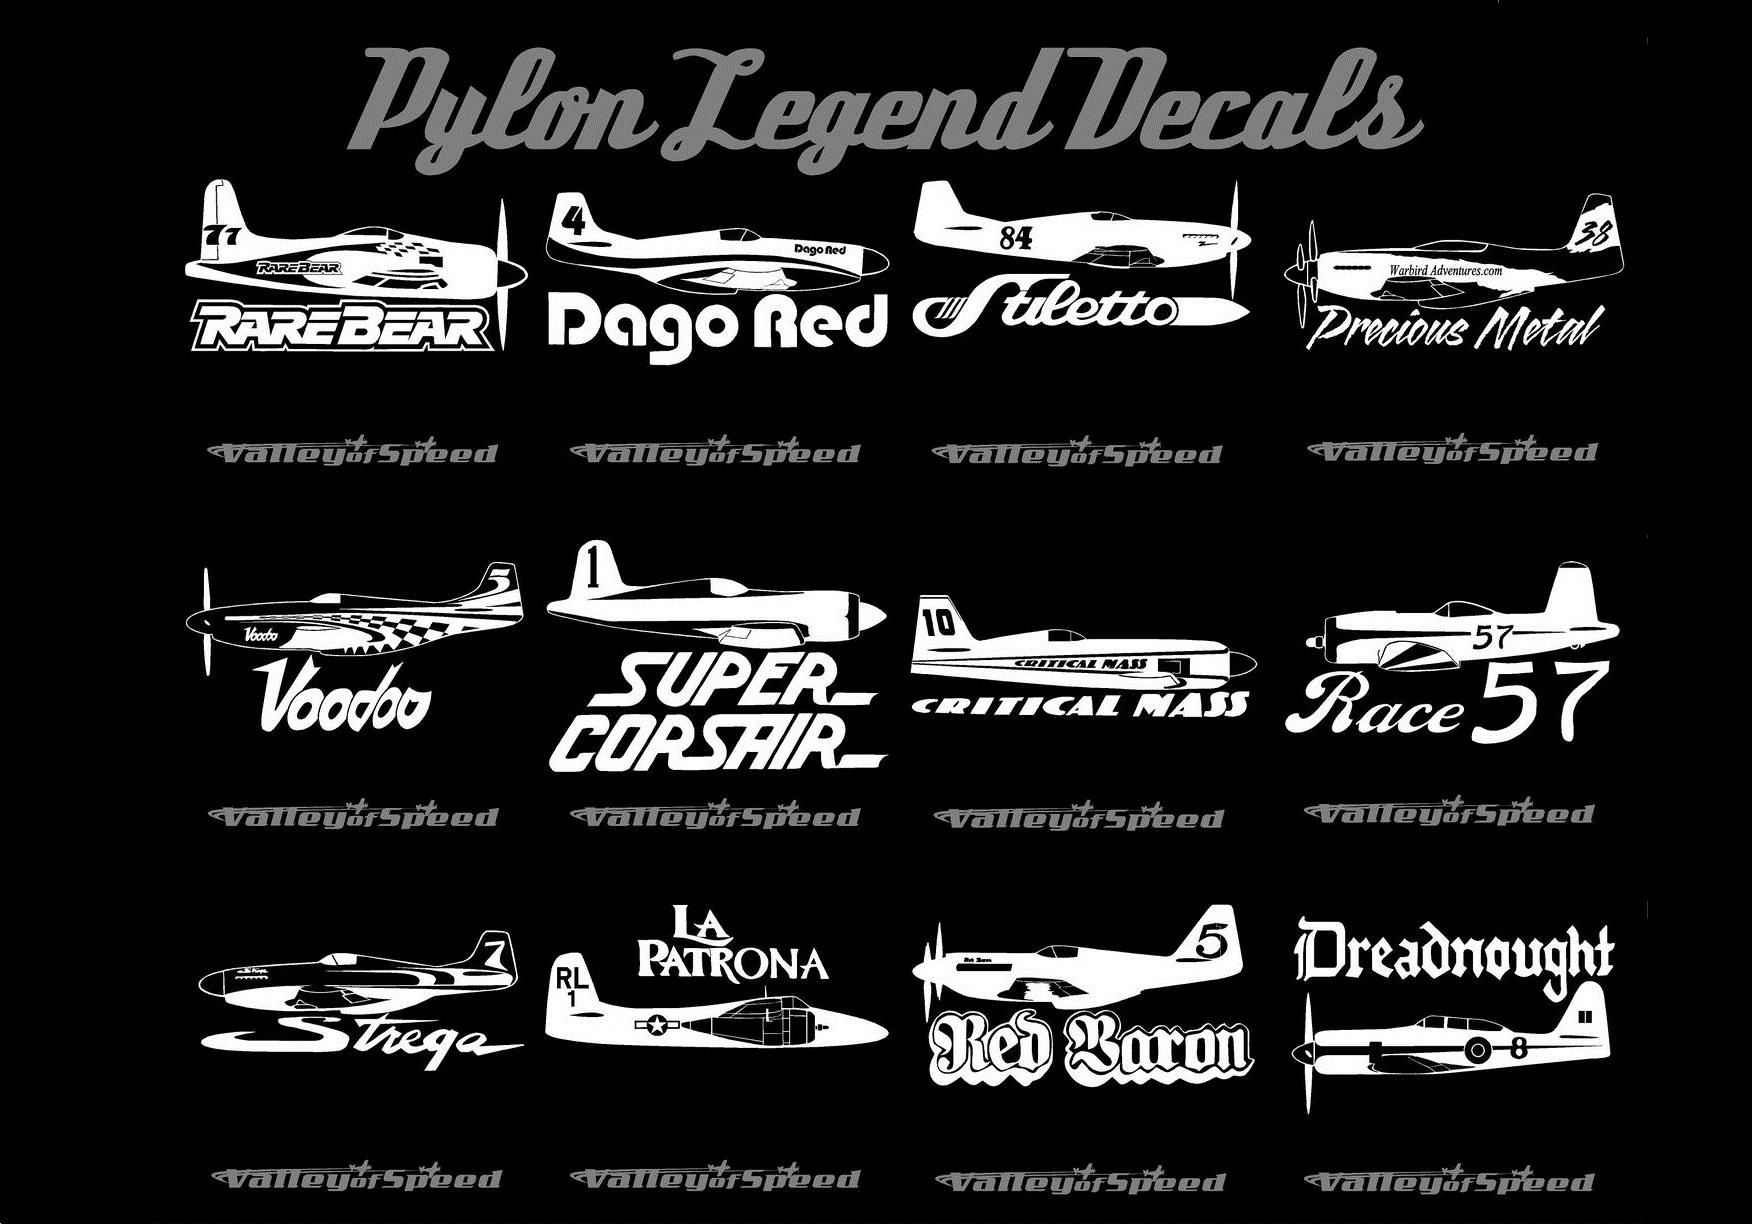 web+Pylon+legend+decals2.jpg